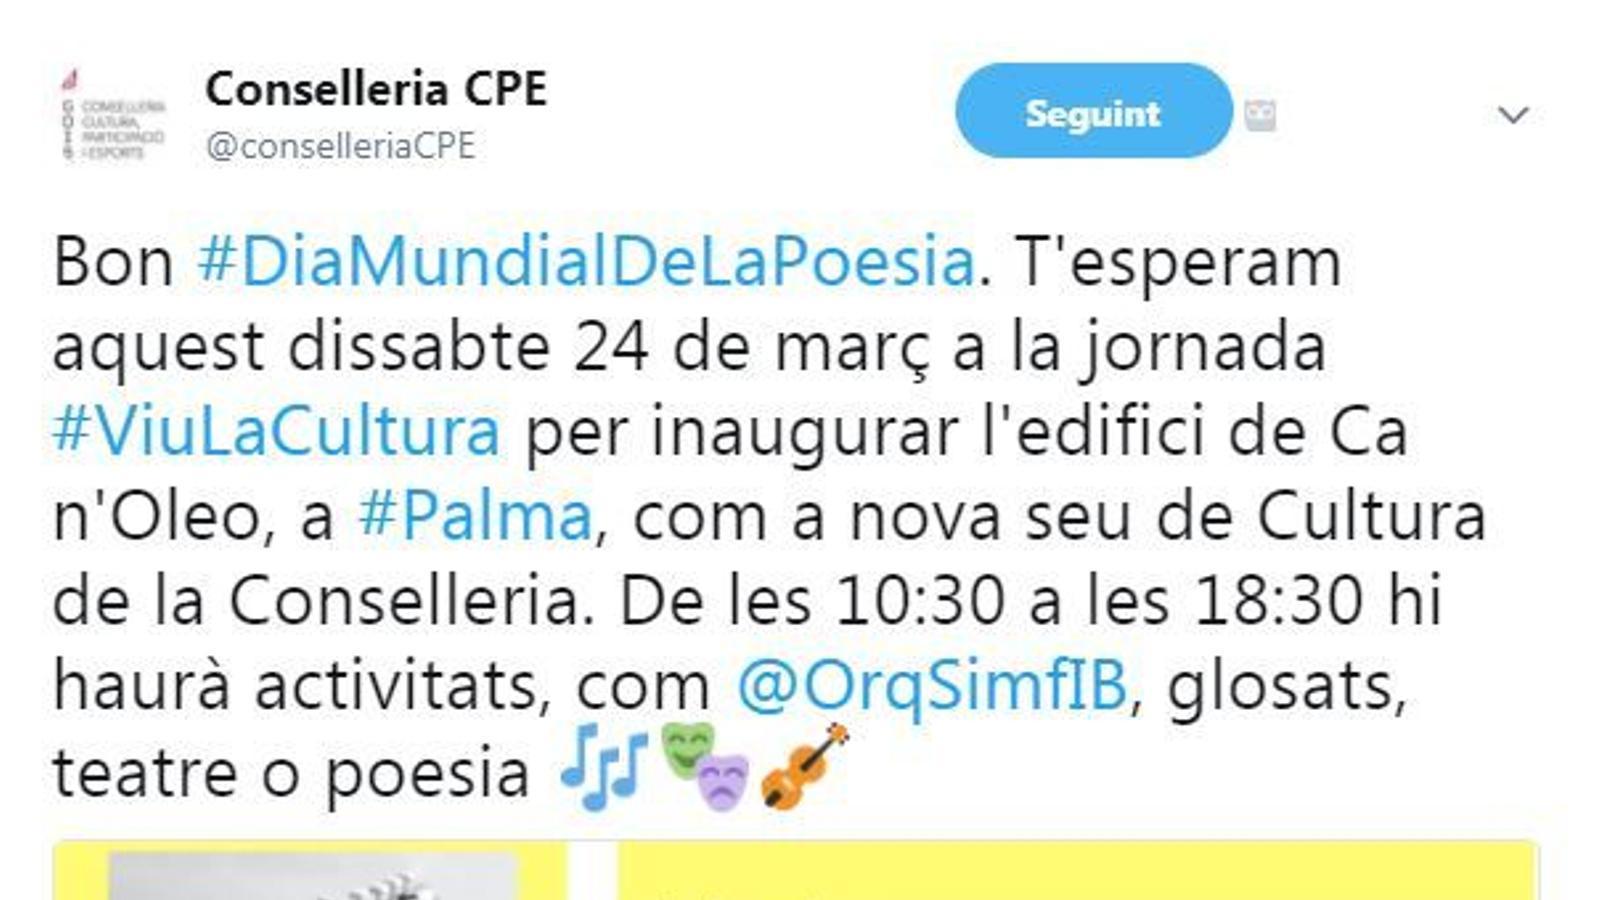 Tweet de la Conselleria CPE